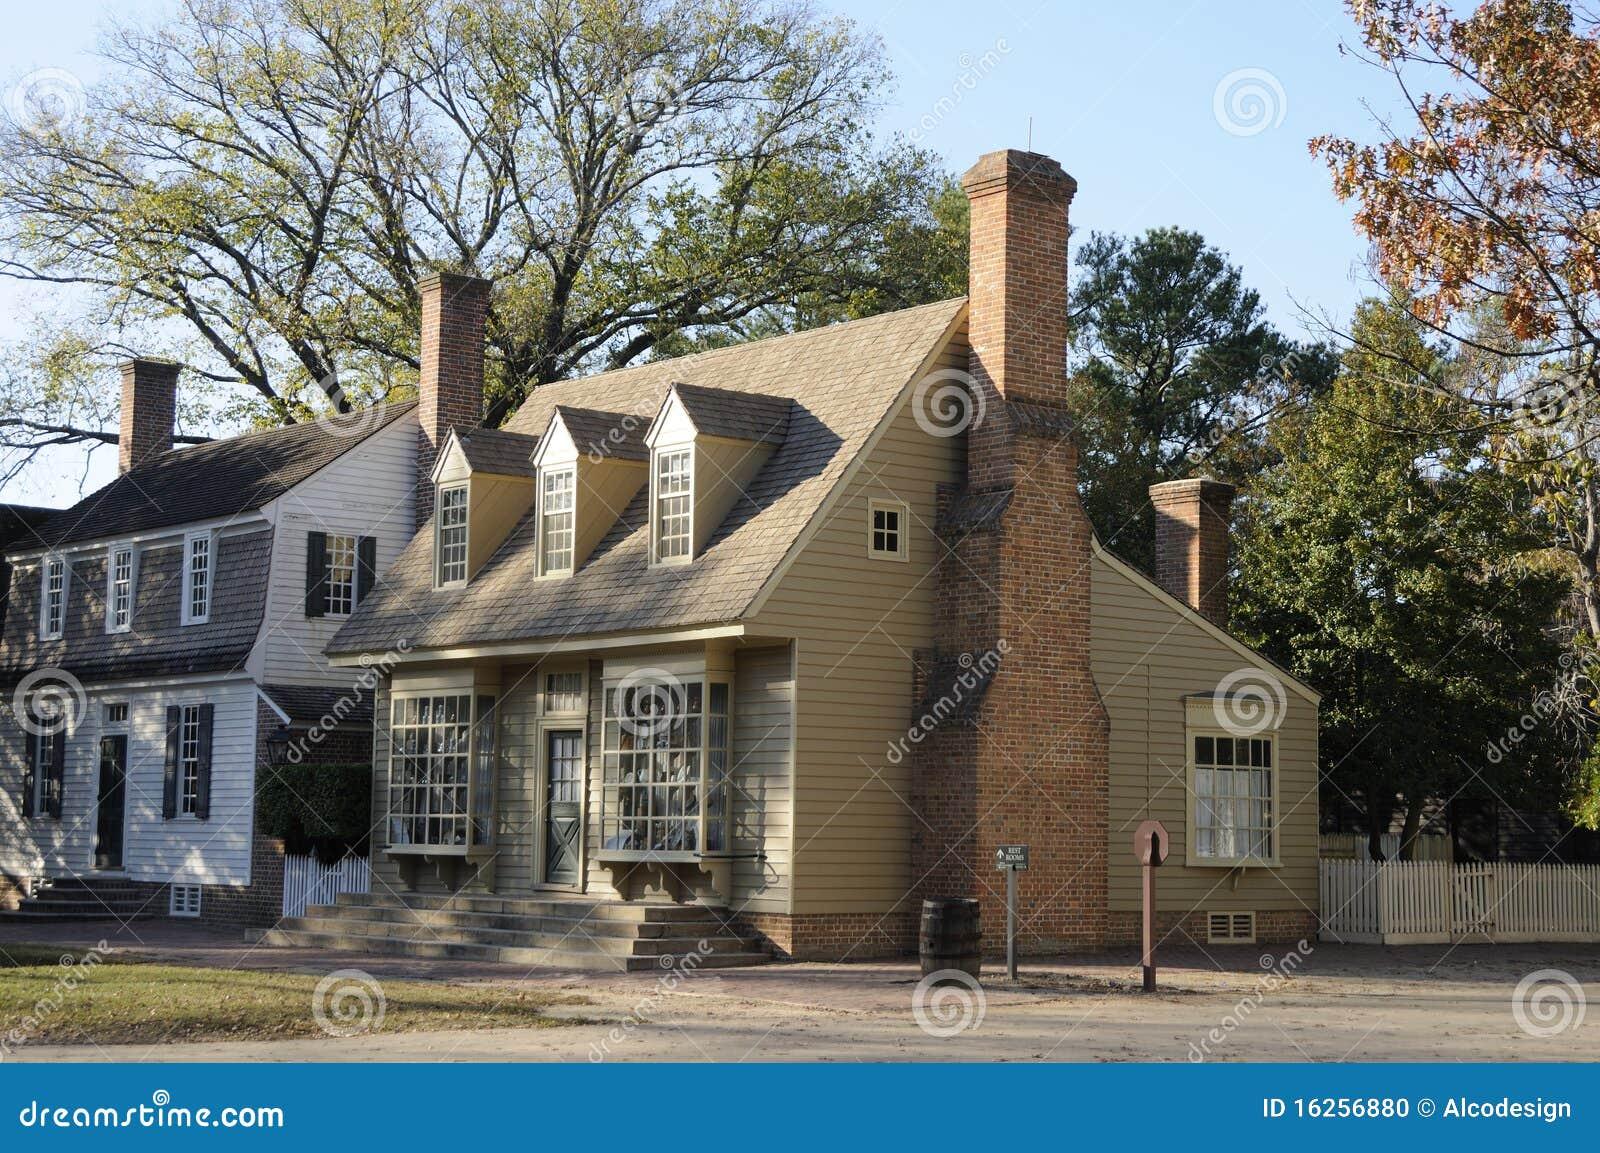 Case coloniali americane fotografia stock immagine 16256880 for Planimetrie delle case americane